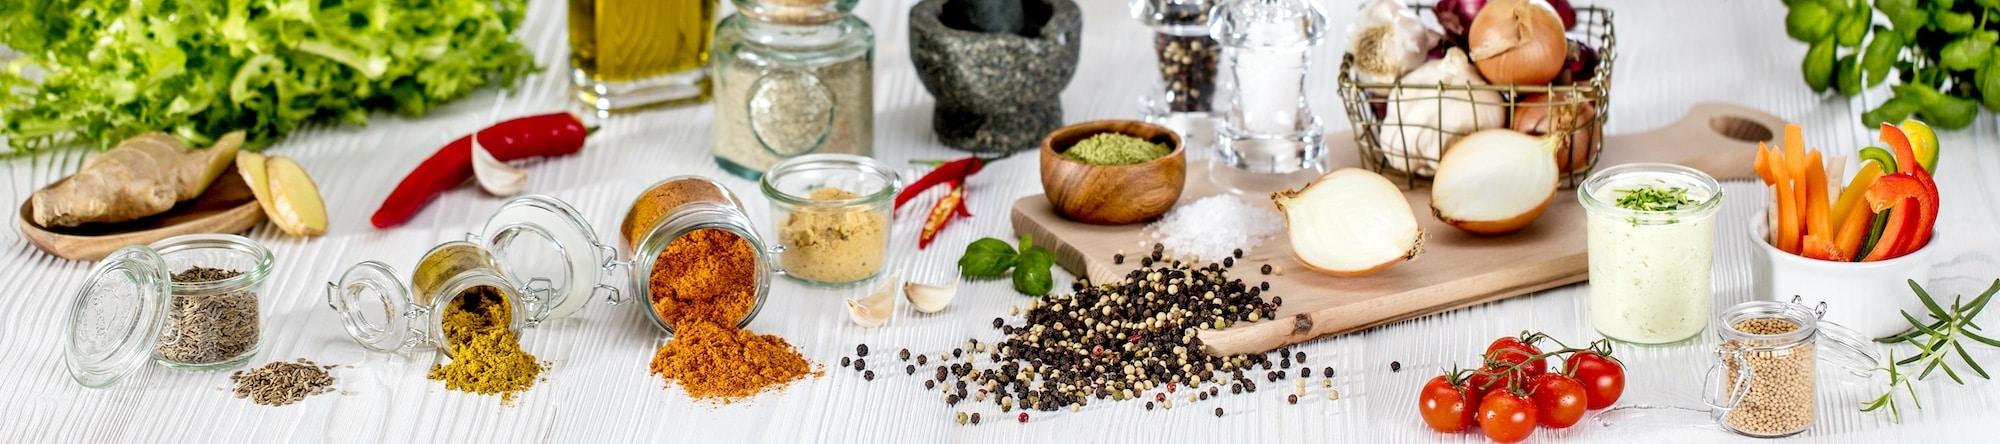 nahrin looduslikud maitseainesegud